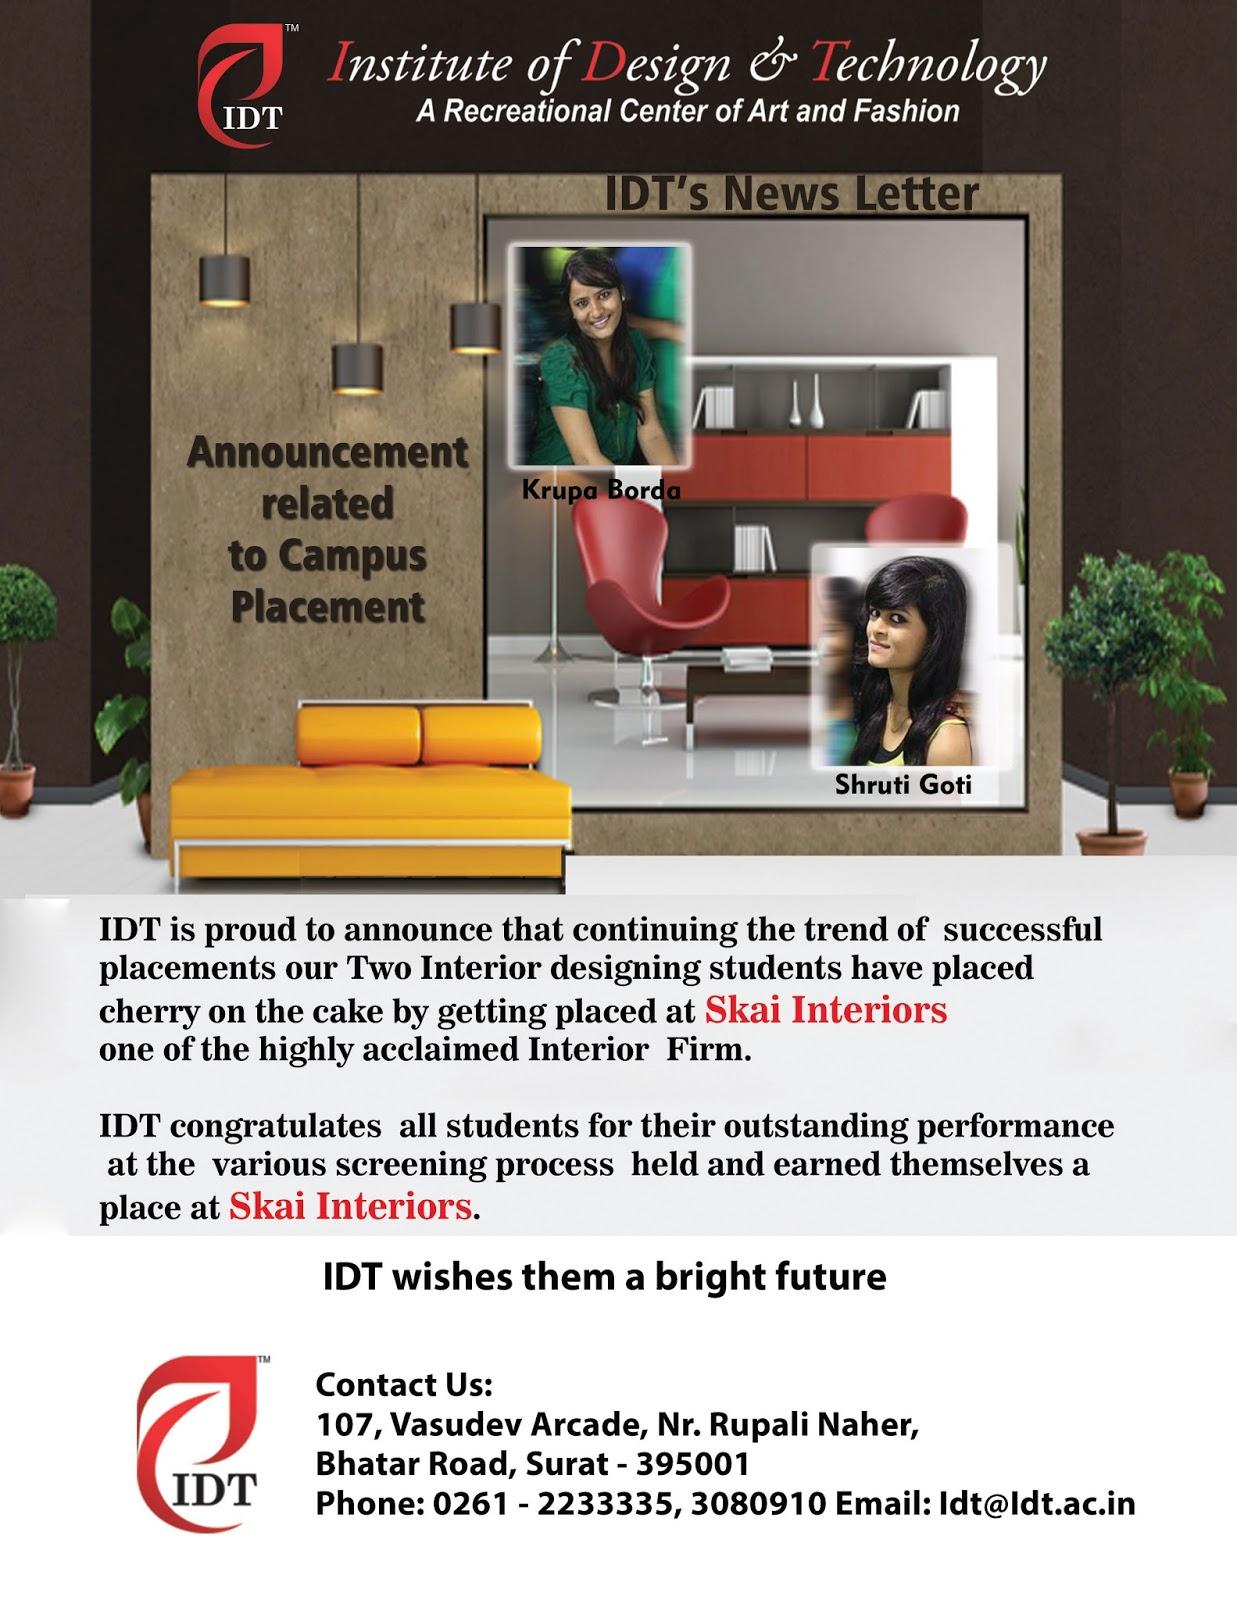 IDT Interior Design Student Placement